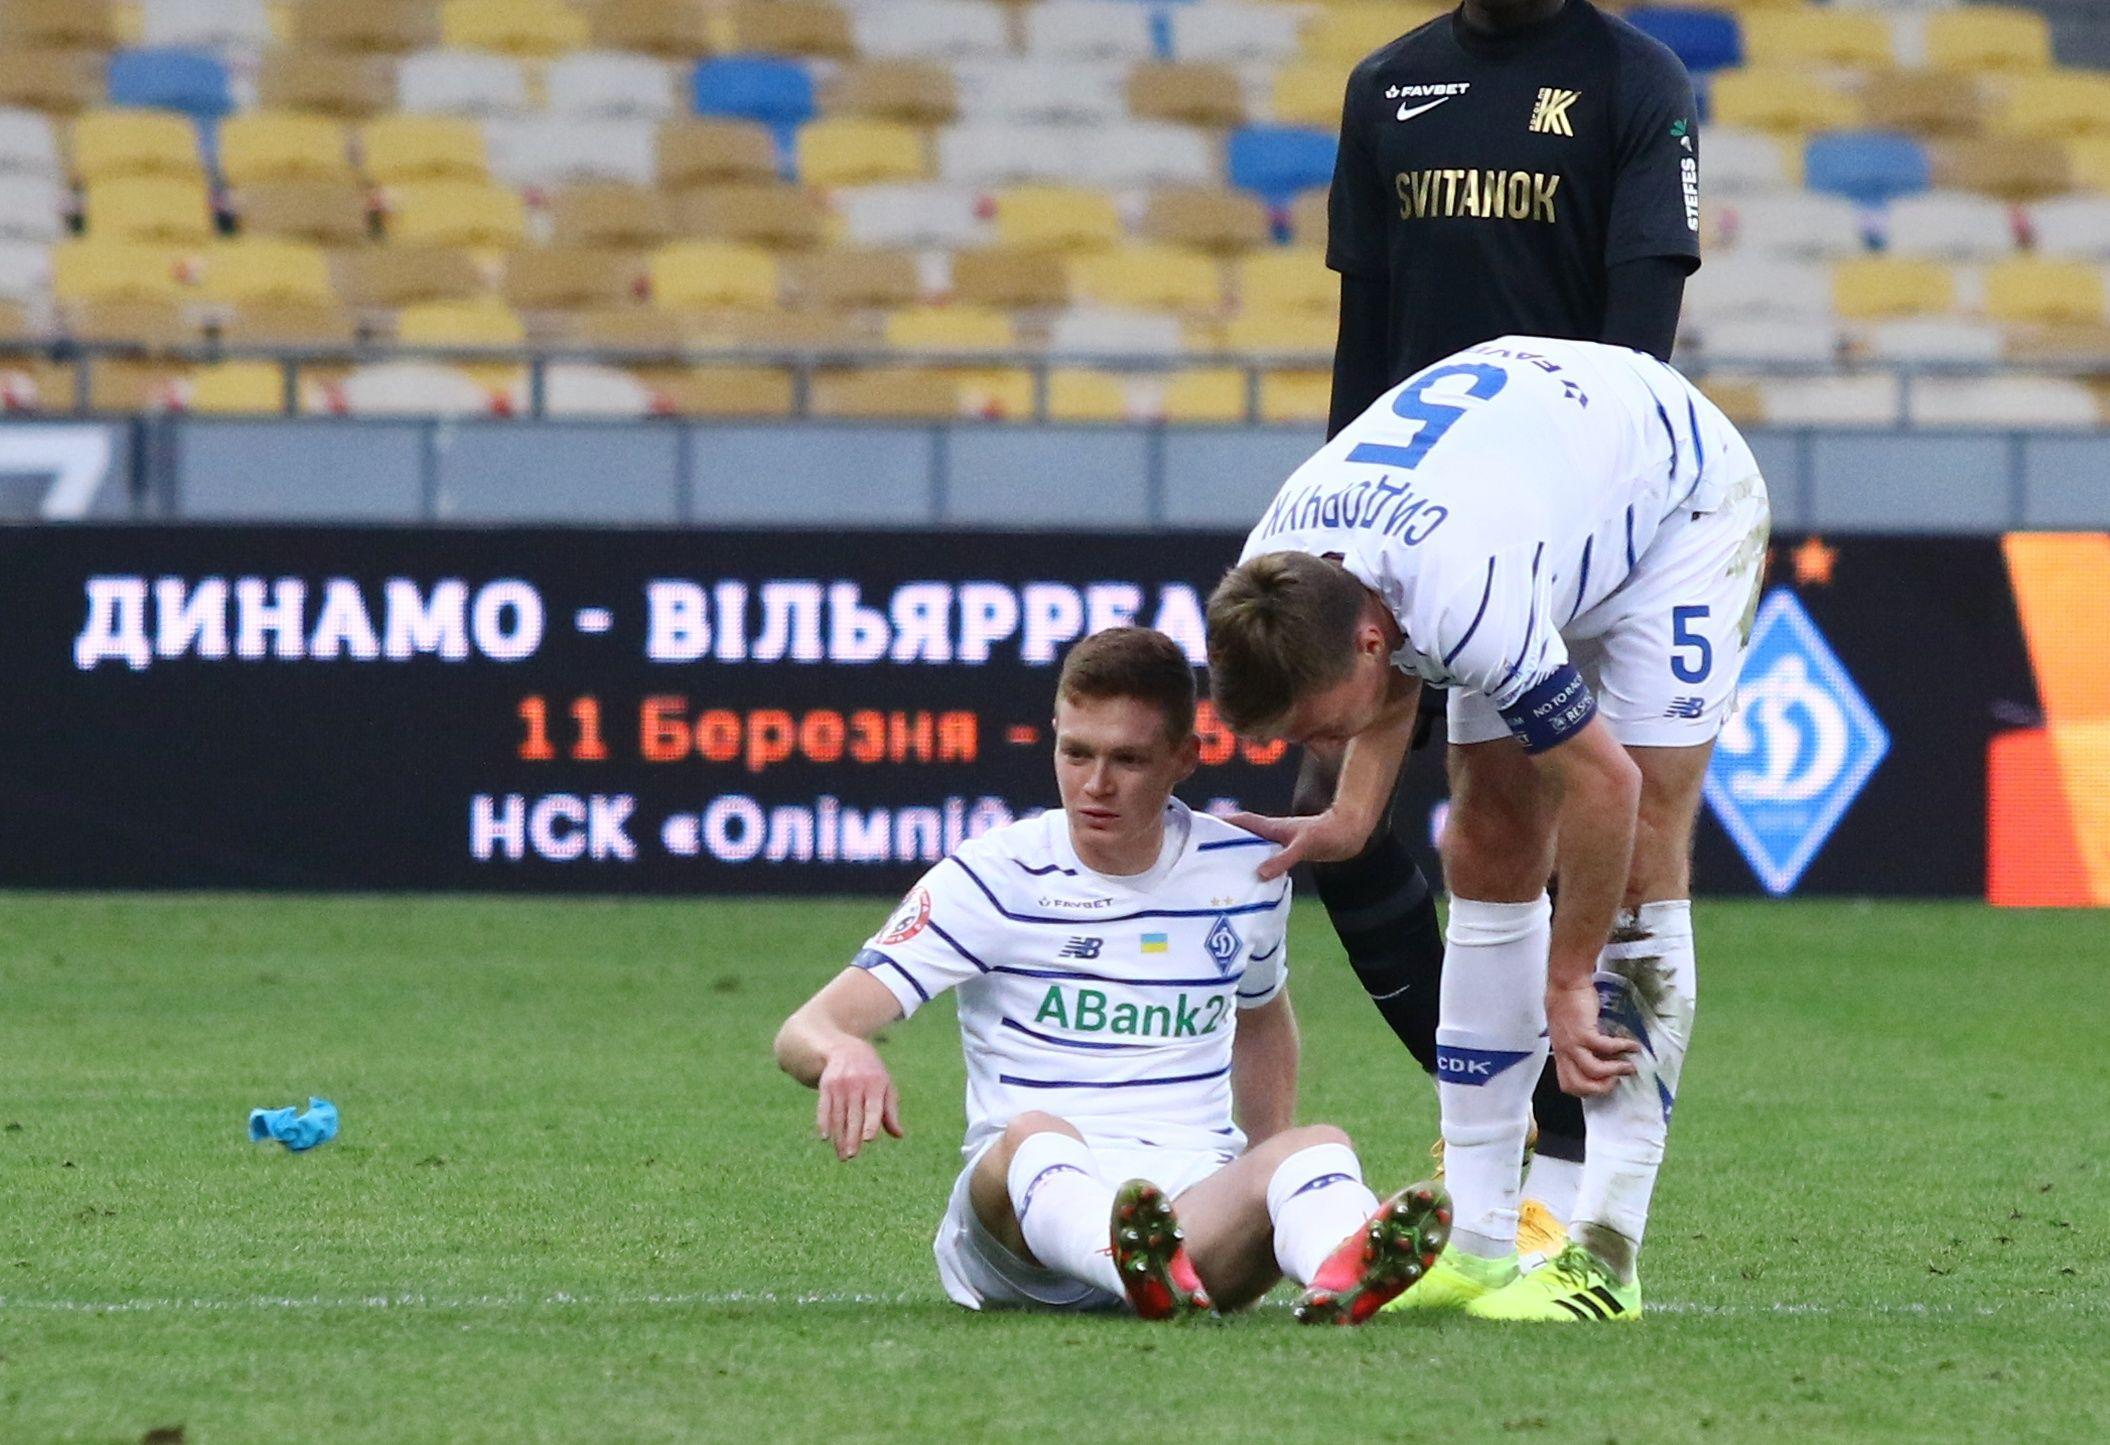 Пробили стену. Динамо - Колос 0:0 / 4:3 пен. - изображение 2